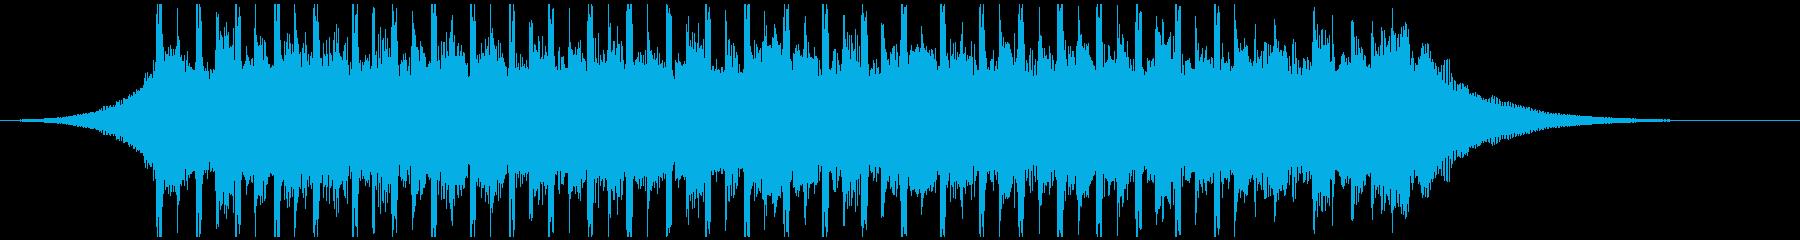 達成(ショート2)の再生済みの波形